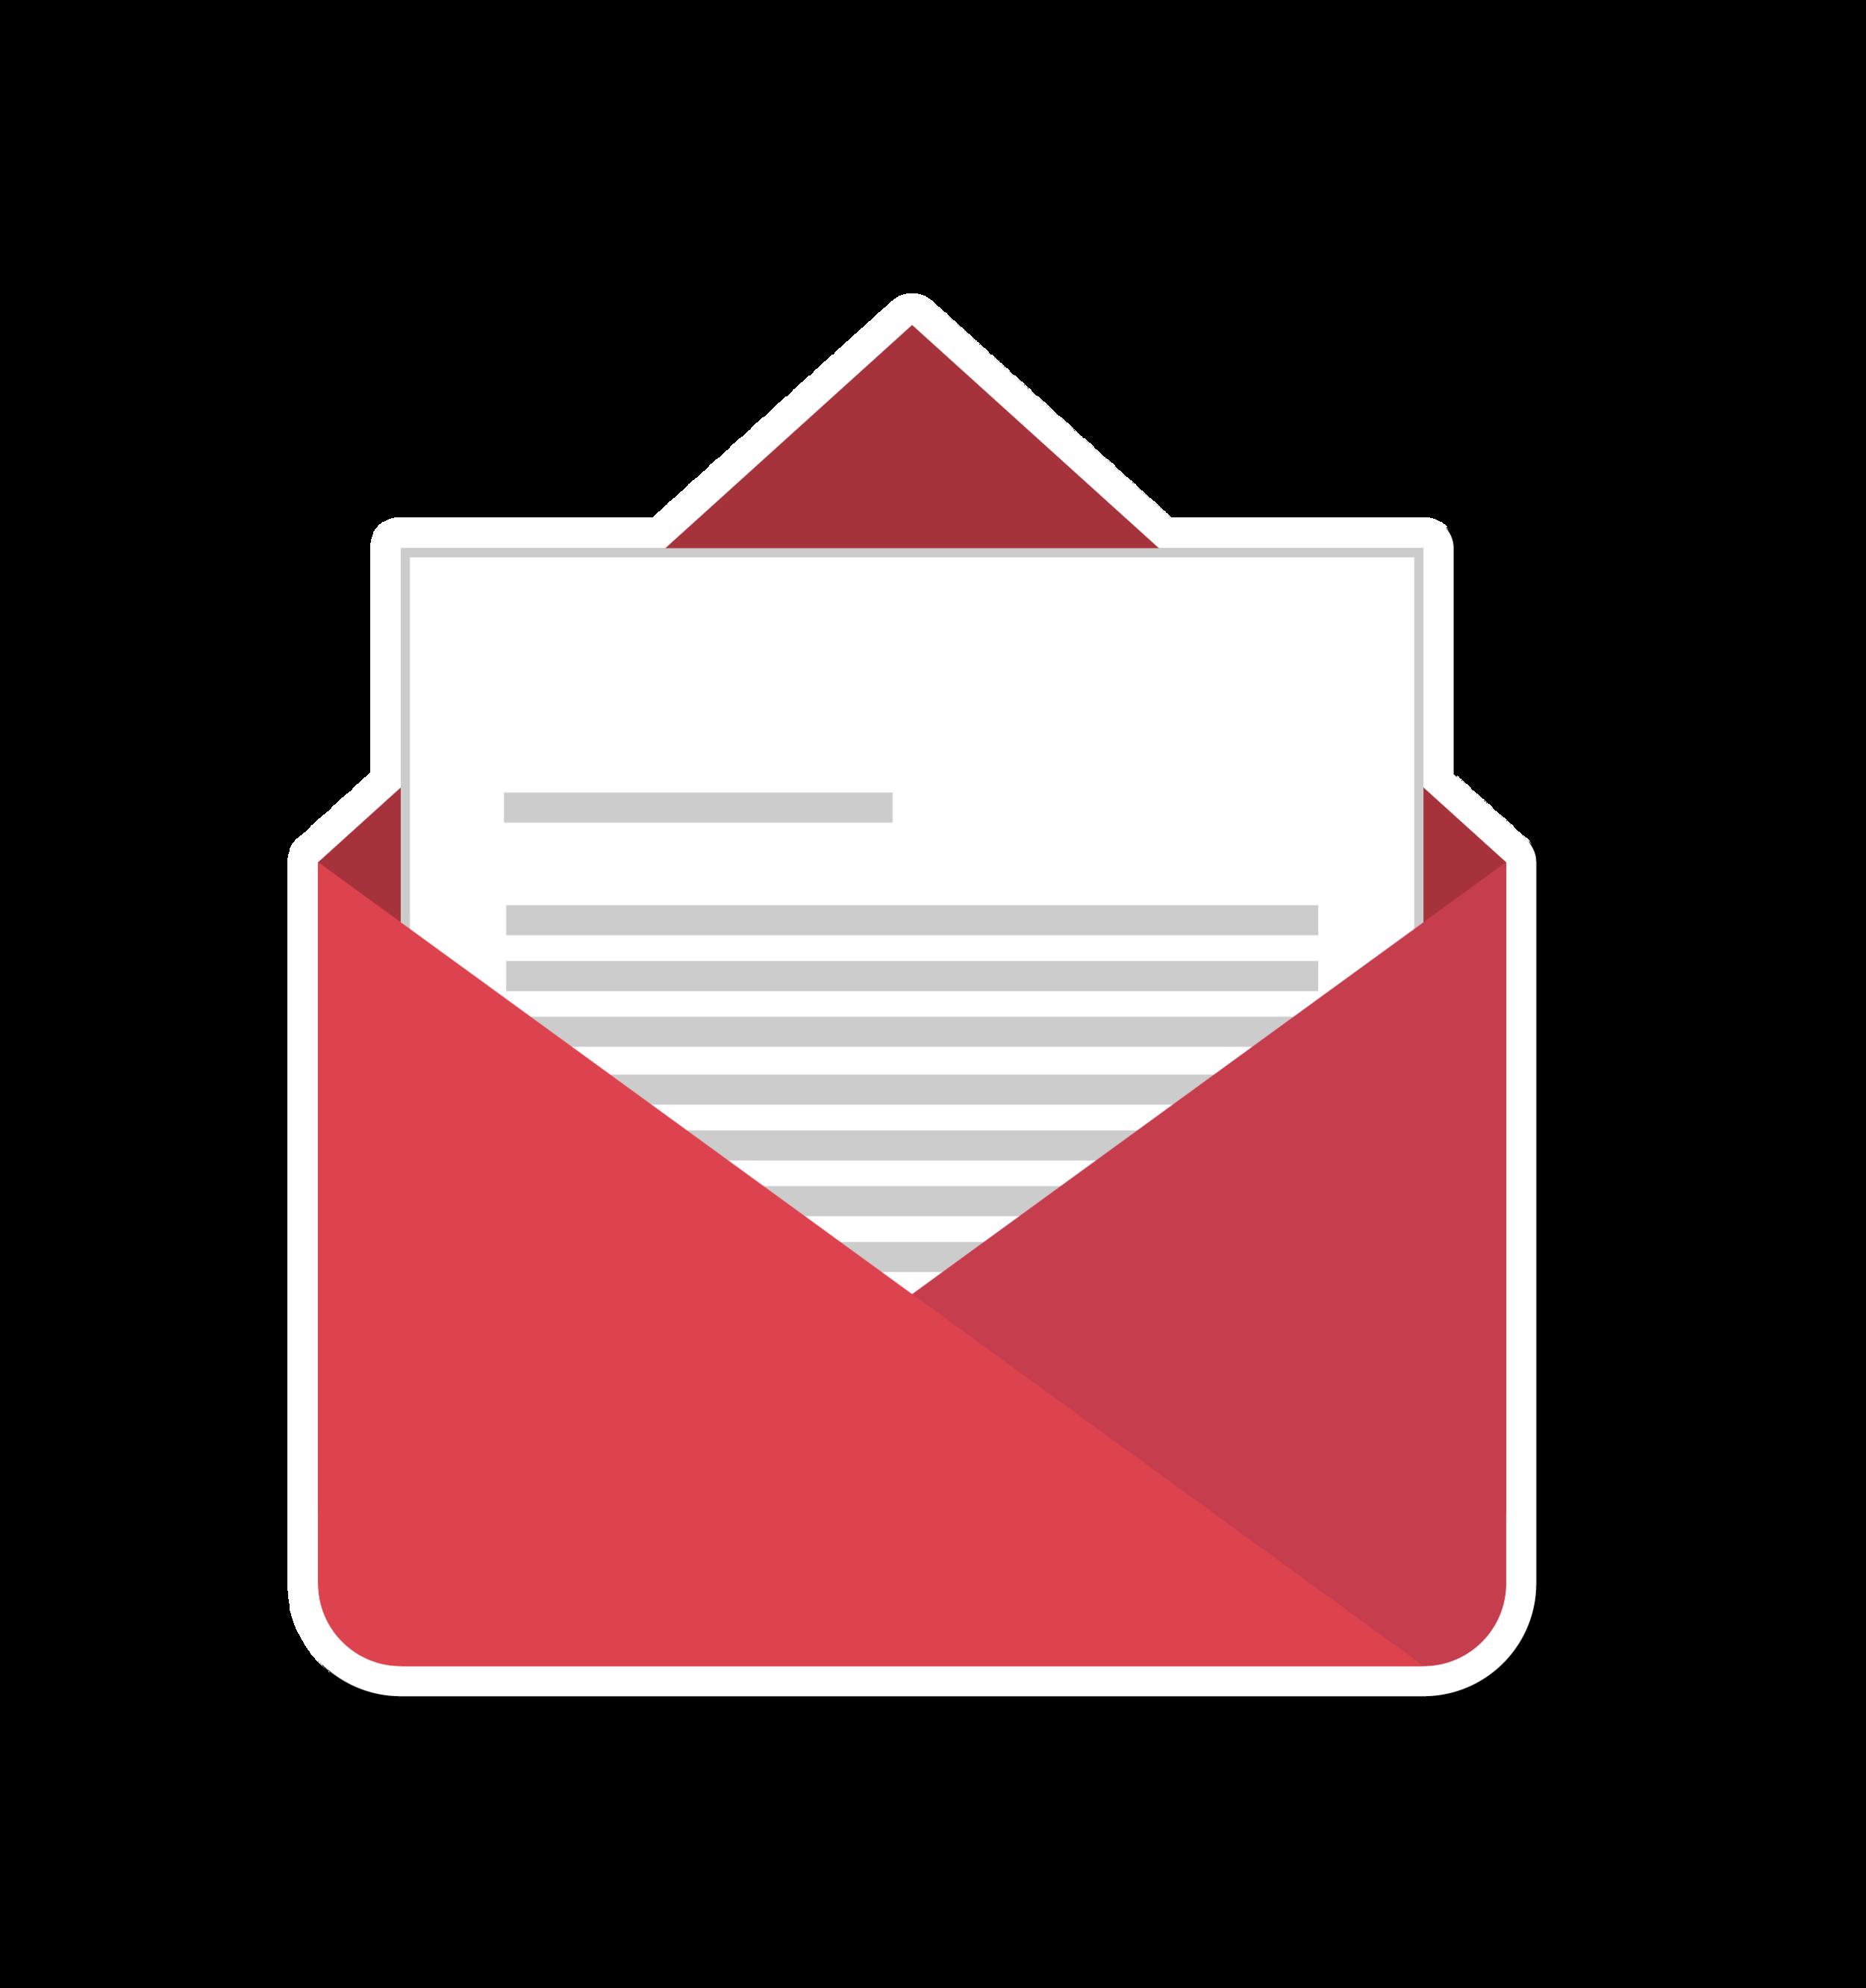 envelope_v2-01.png